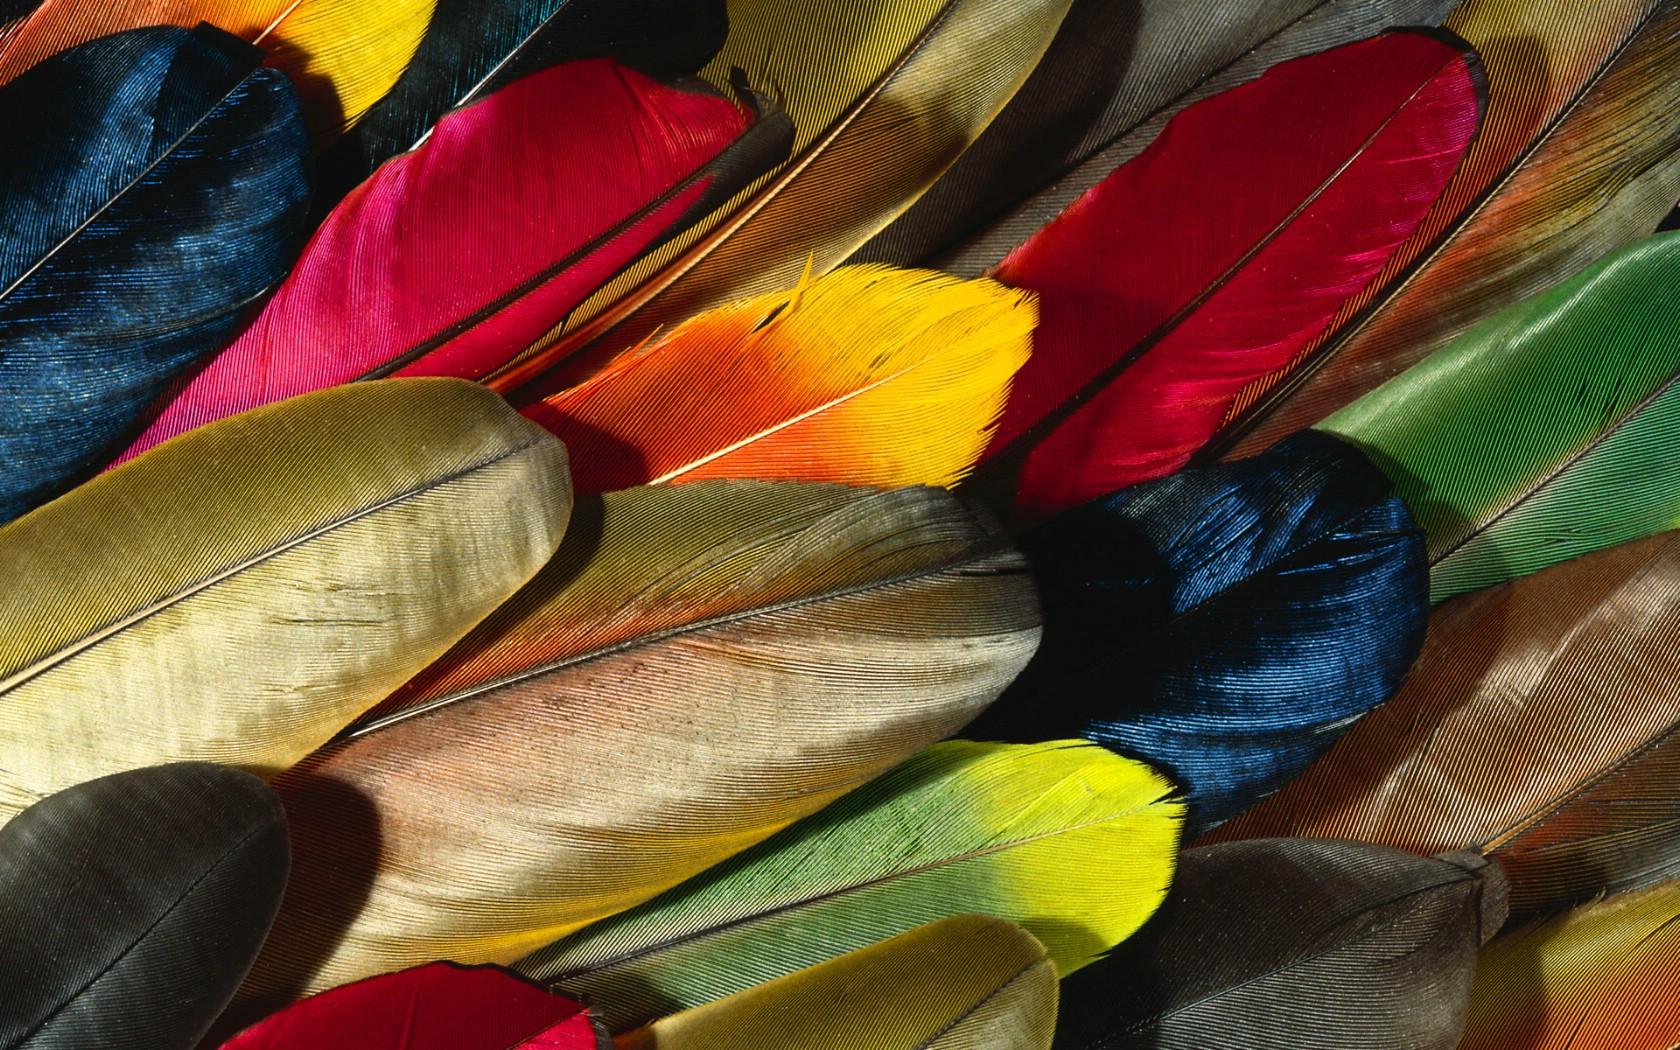 壁纸1680×1050彩色羽毛和翅膀宽屏壁纸 1920x1200 壁纸15壁纸 彩色羽毛和翅膀宽屏壁壁纸图片系统壁纸系统图片素材桌面壁纸